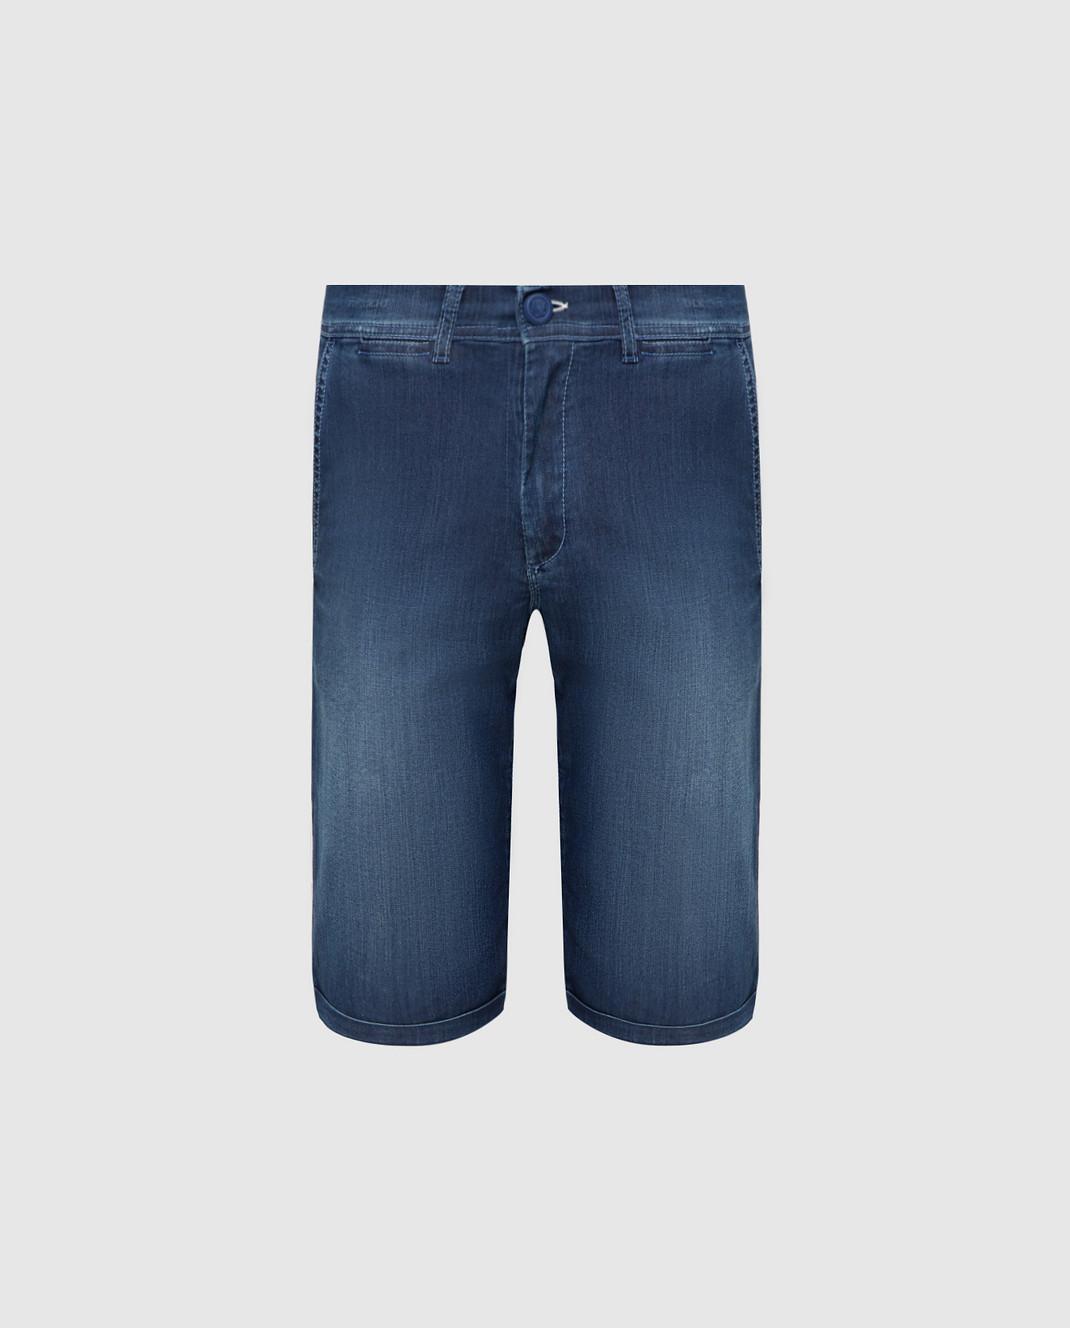 Scissor Scriptor Темно-синие шорты изображение 1